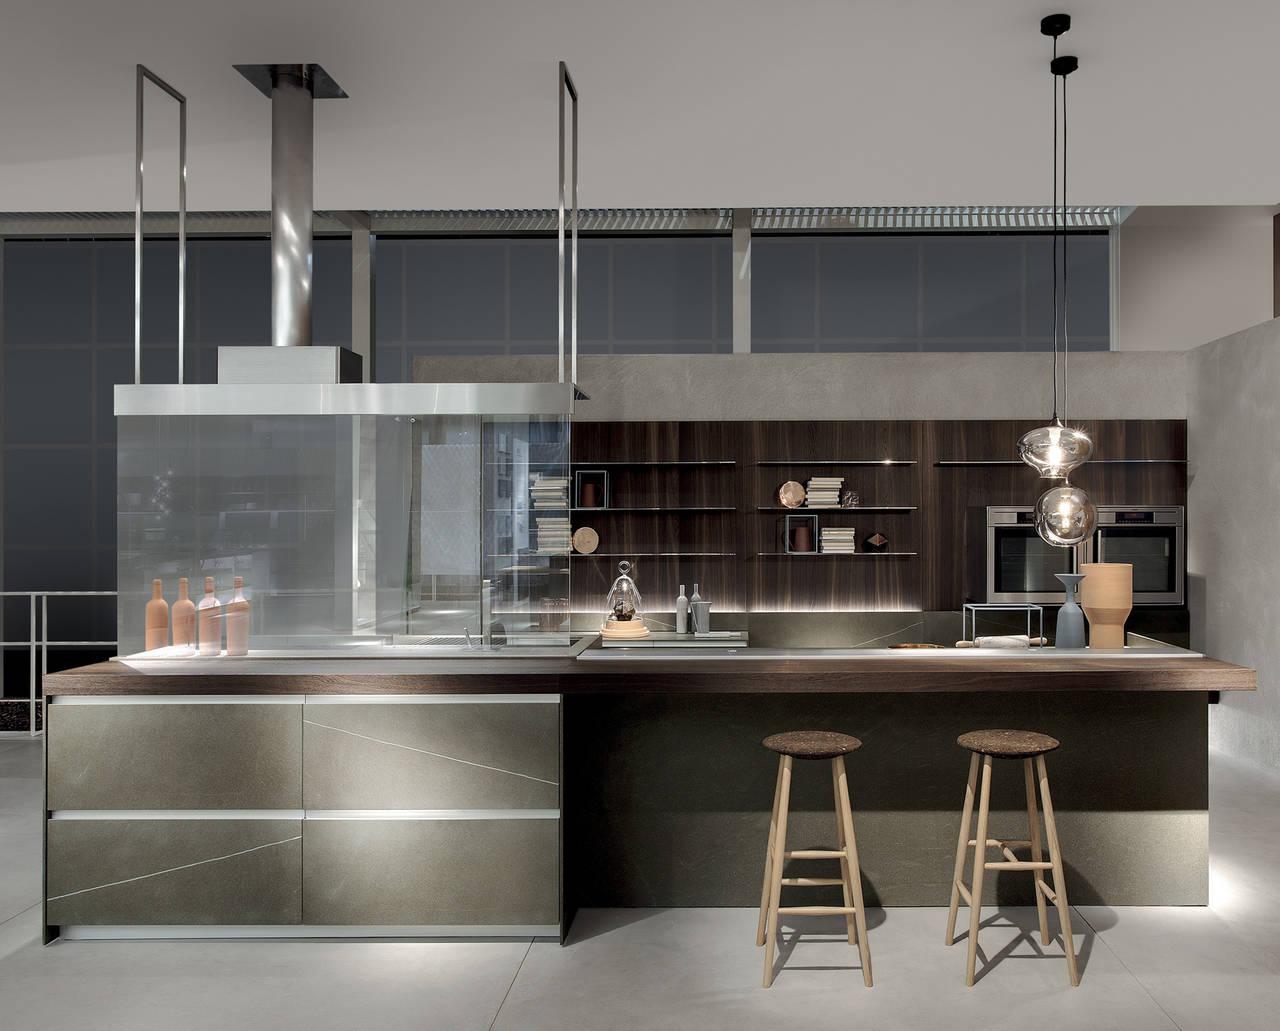 Livingkitchen 2015 focus cucine ambiente cucina for Accessori per cucina moderna